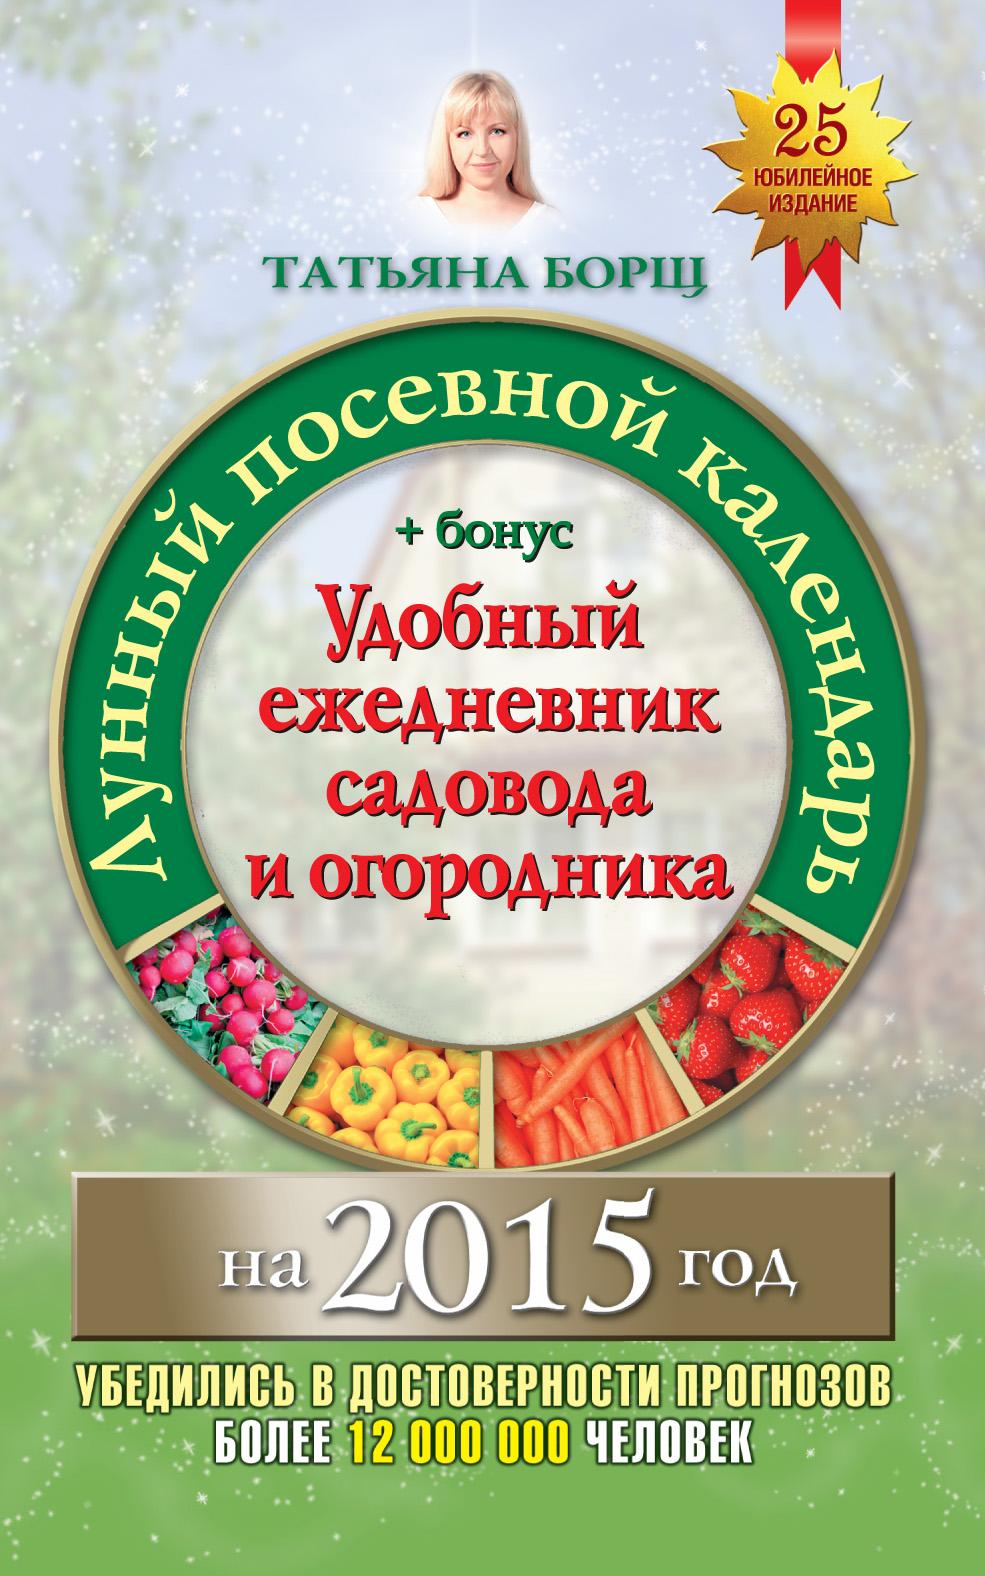 Татьяна Борщ Лунный посевной календарь на 2015 год + удобный ежедневник садовода и огородника